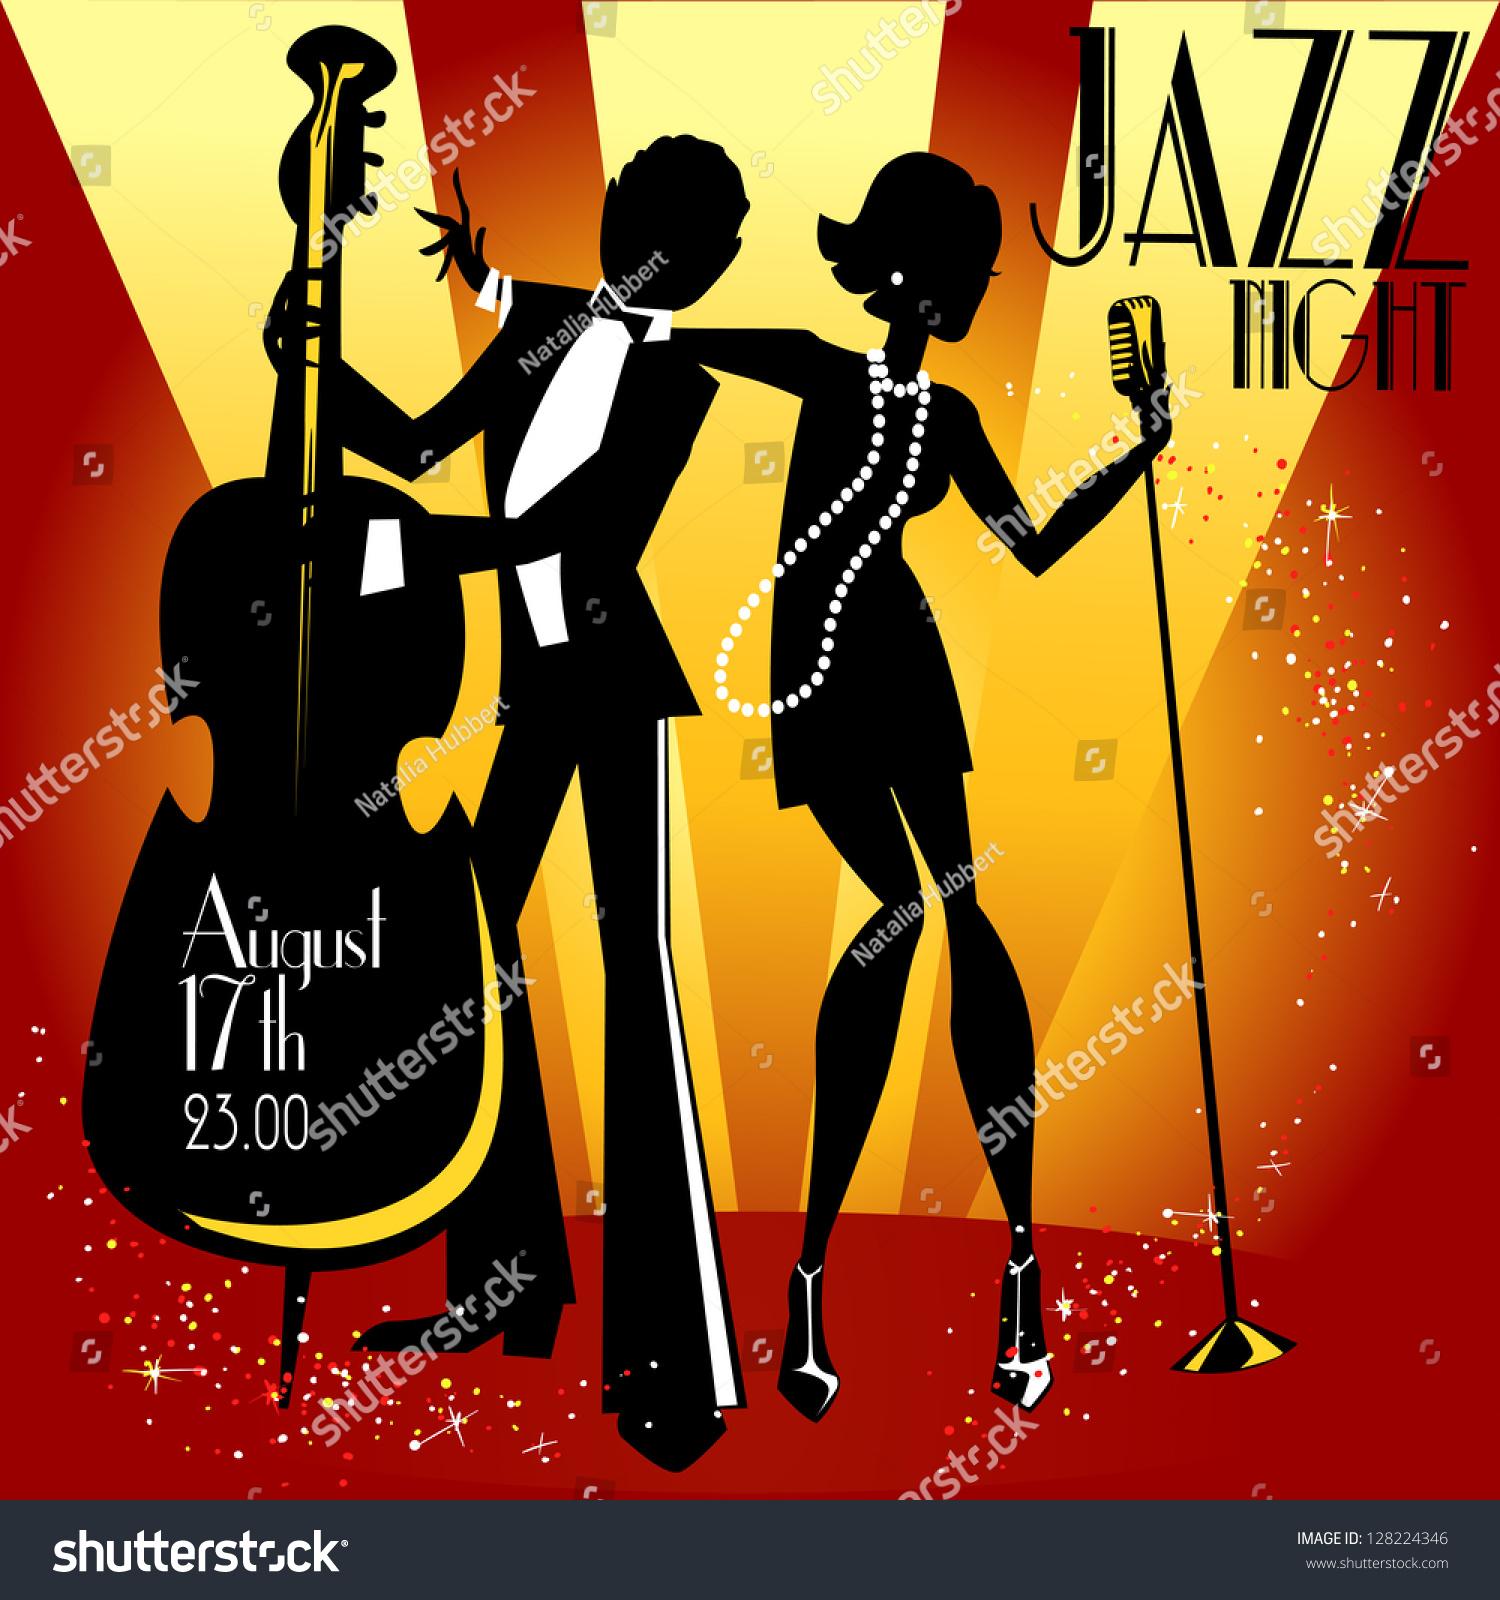 The Impressions - Rhythm! b/w Star Bright